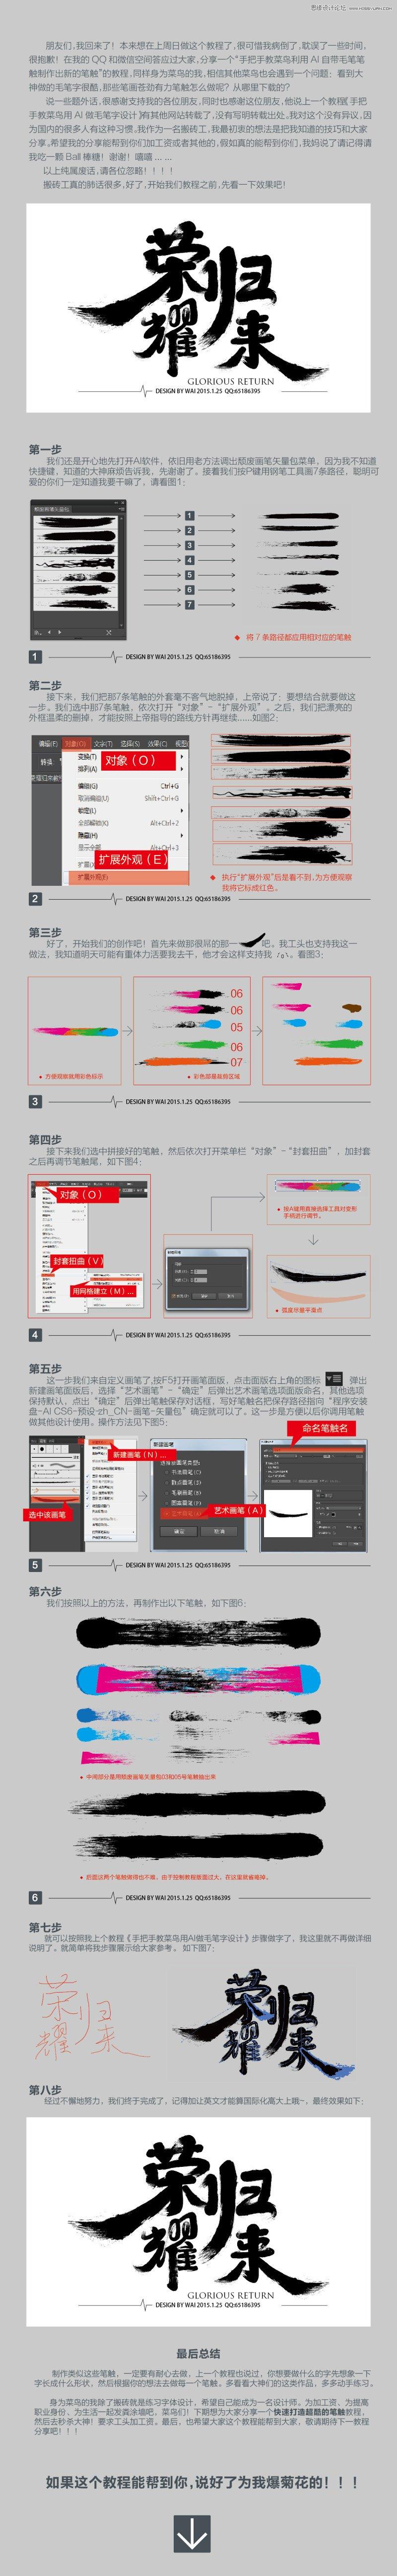 使用Illustrator使用笔融制作中国风毛笔字设计教程